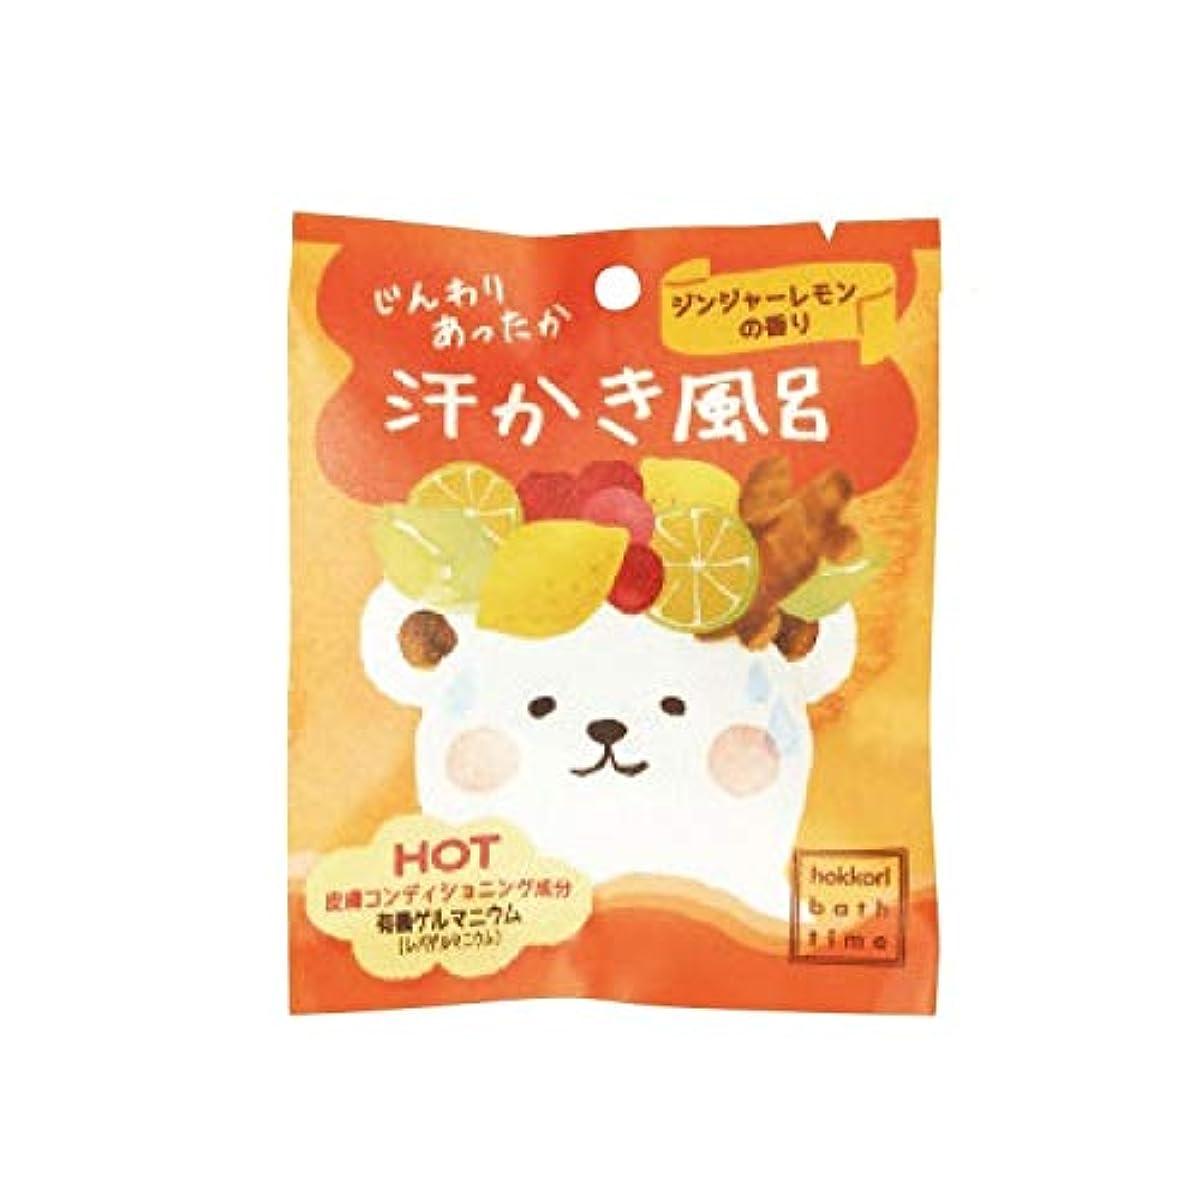 クッションラウンジ小間ほっこりバスタイム 汗かき風呂 ジンジャーレモンの香り OB-HKR-1-2 ノルコーポレーション